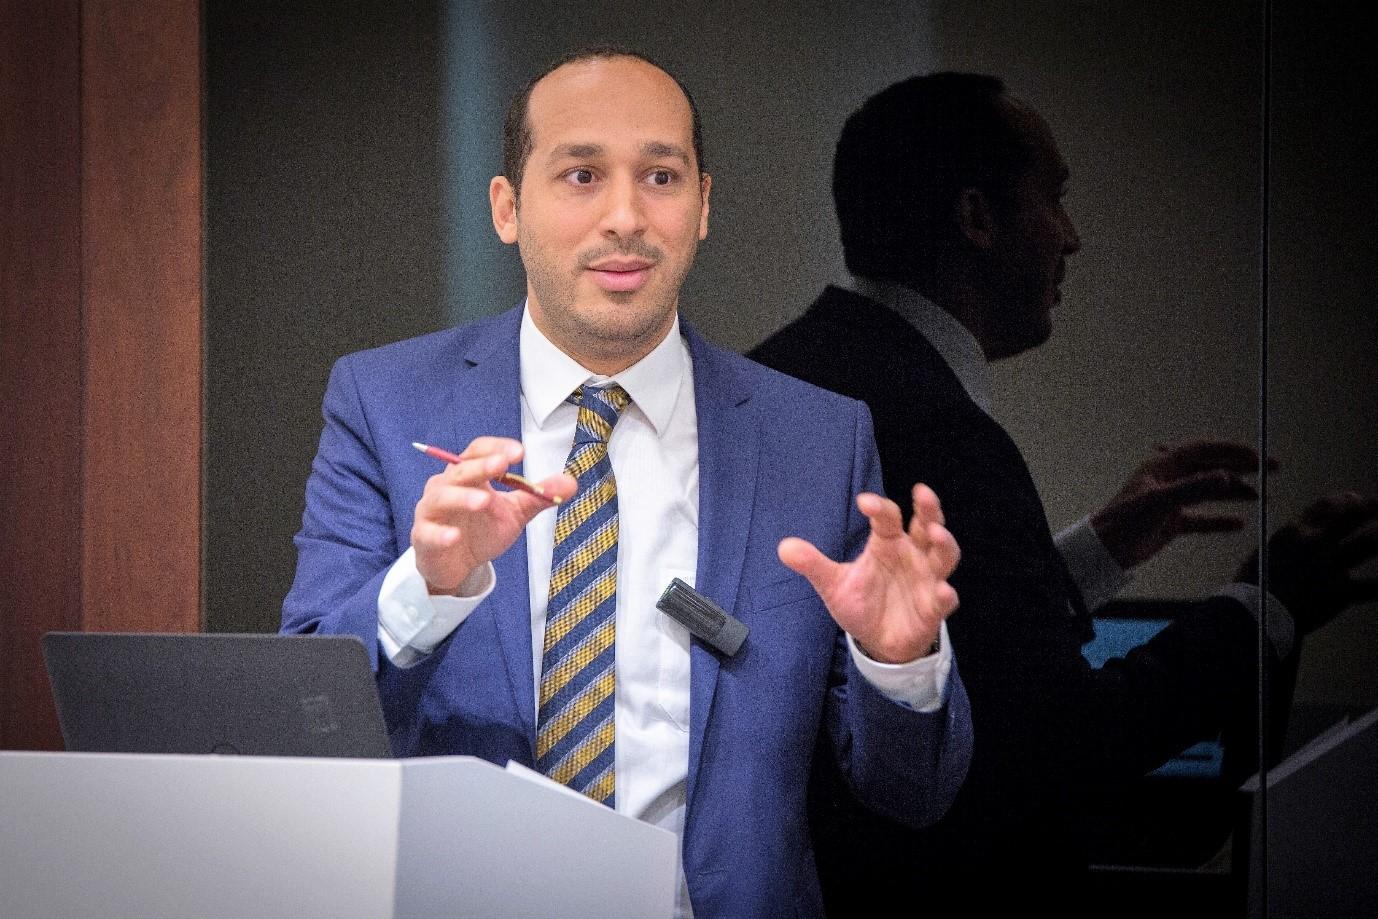 Ahmed Aly Shaban